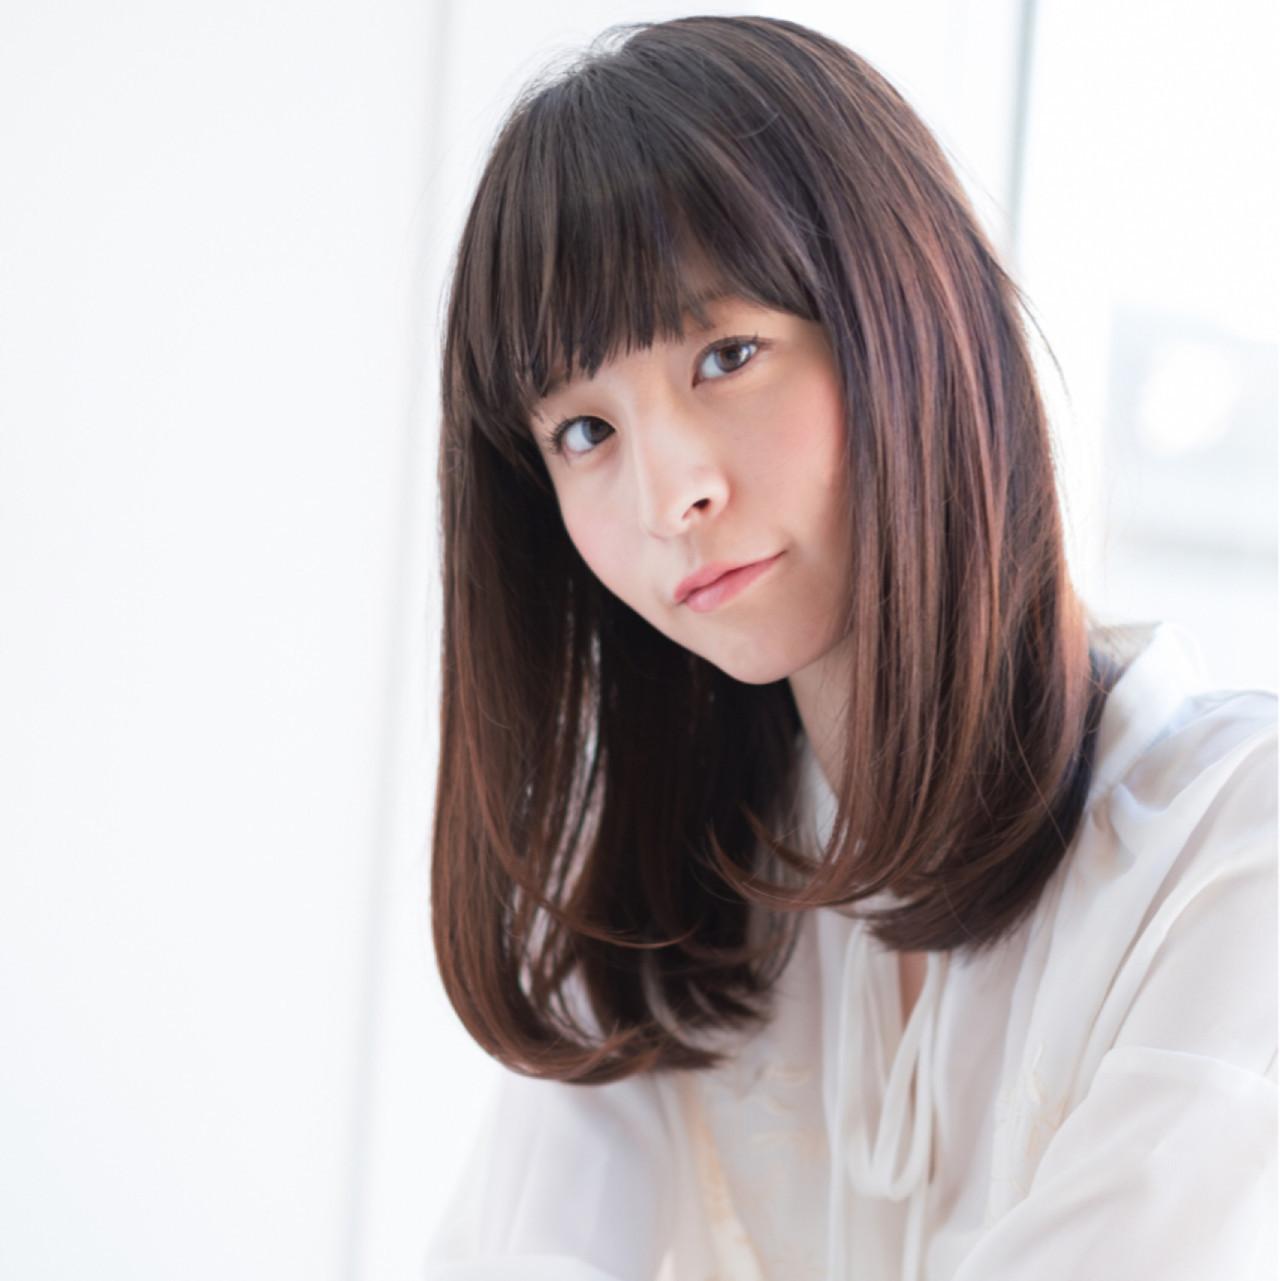 バッチリ小顔のぱっつん前髪ミディストレート 東 純平